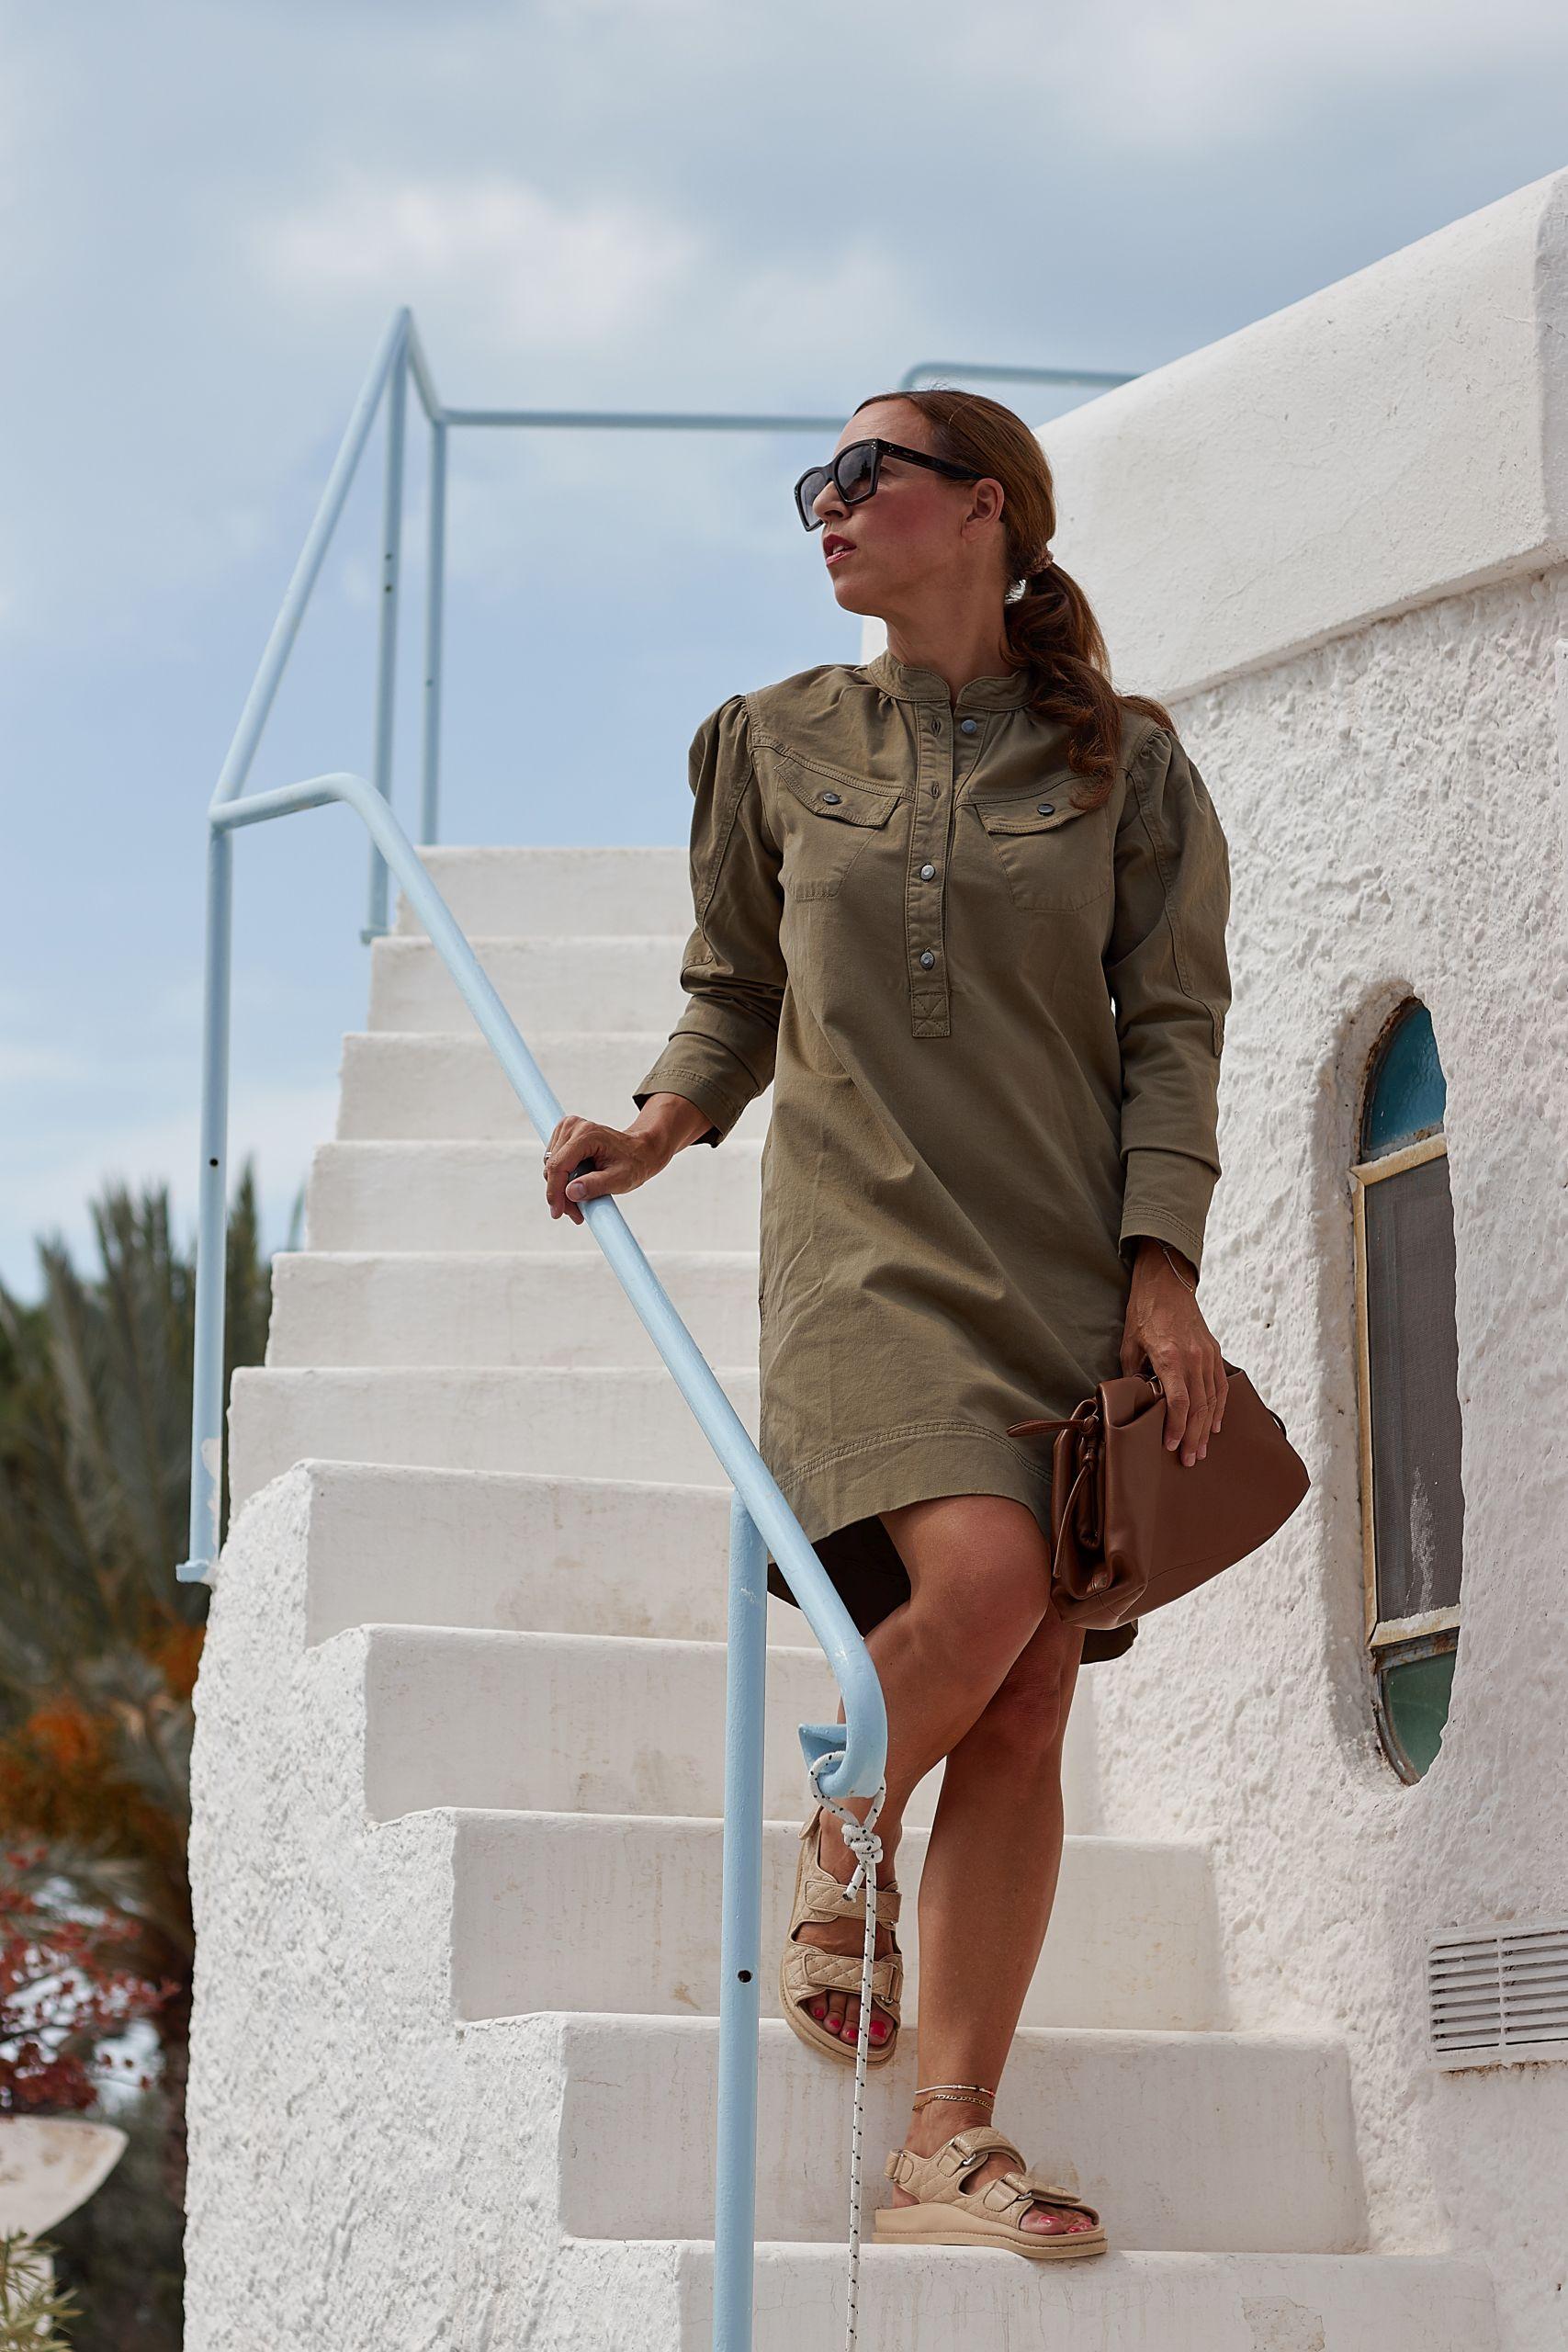 Project AJ117 Military Dress zu Chunky Sandals von Ducie London in der Villa Ravino